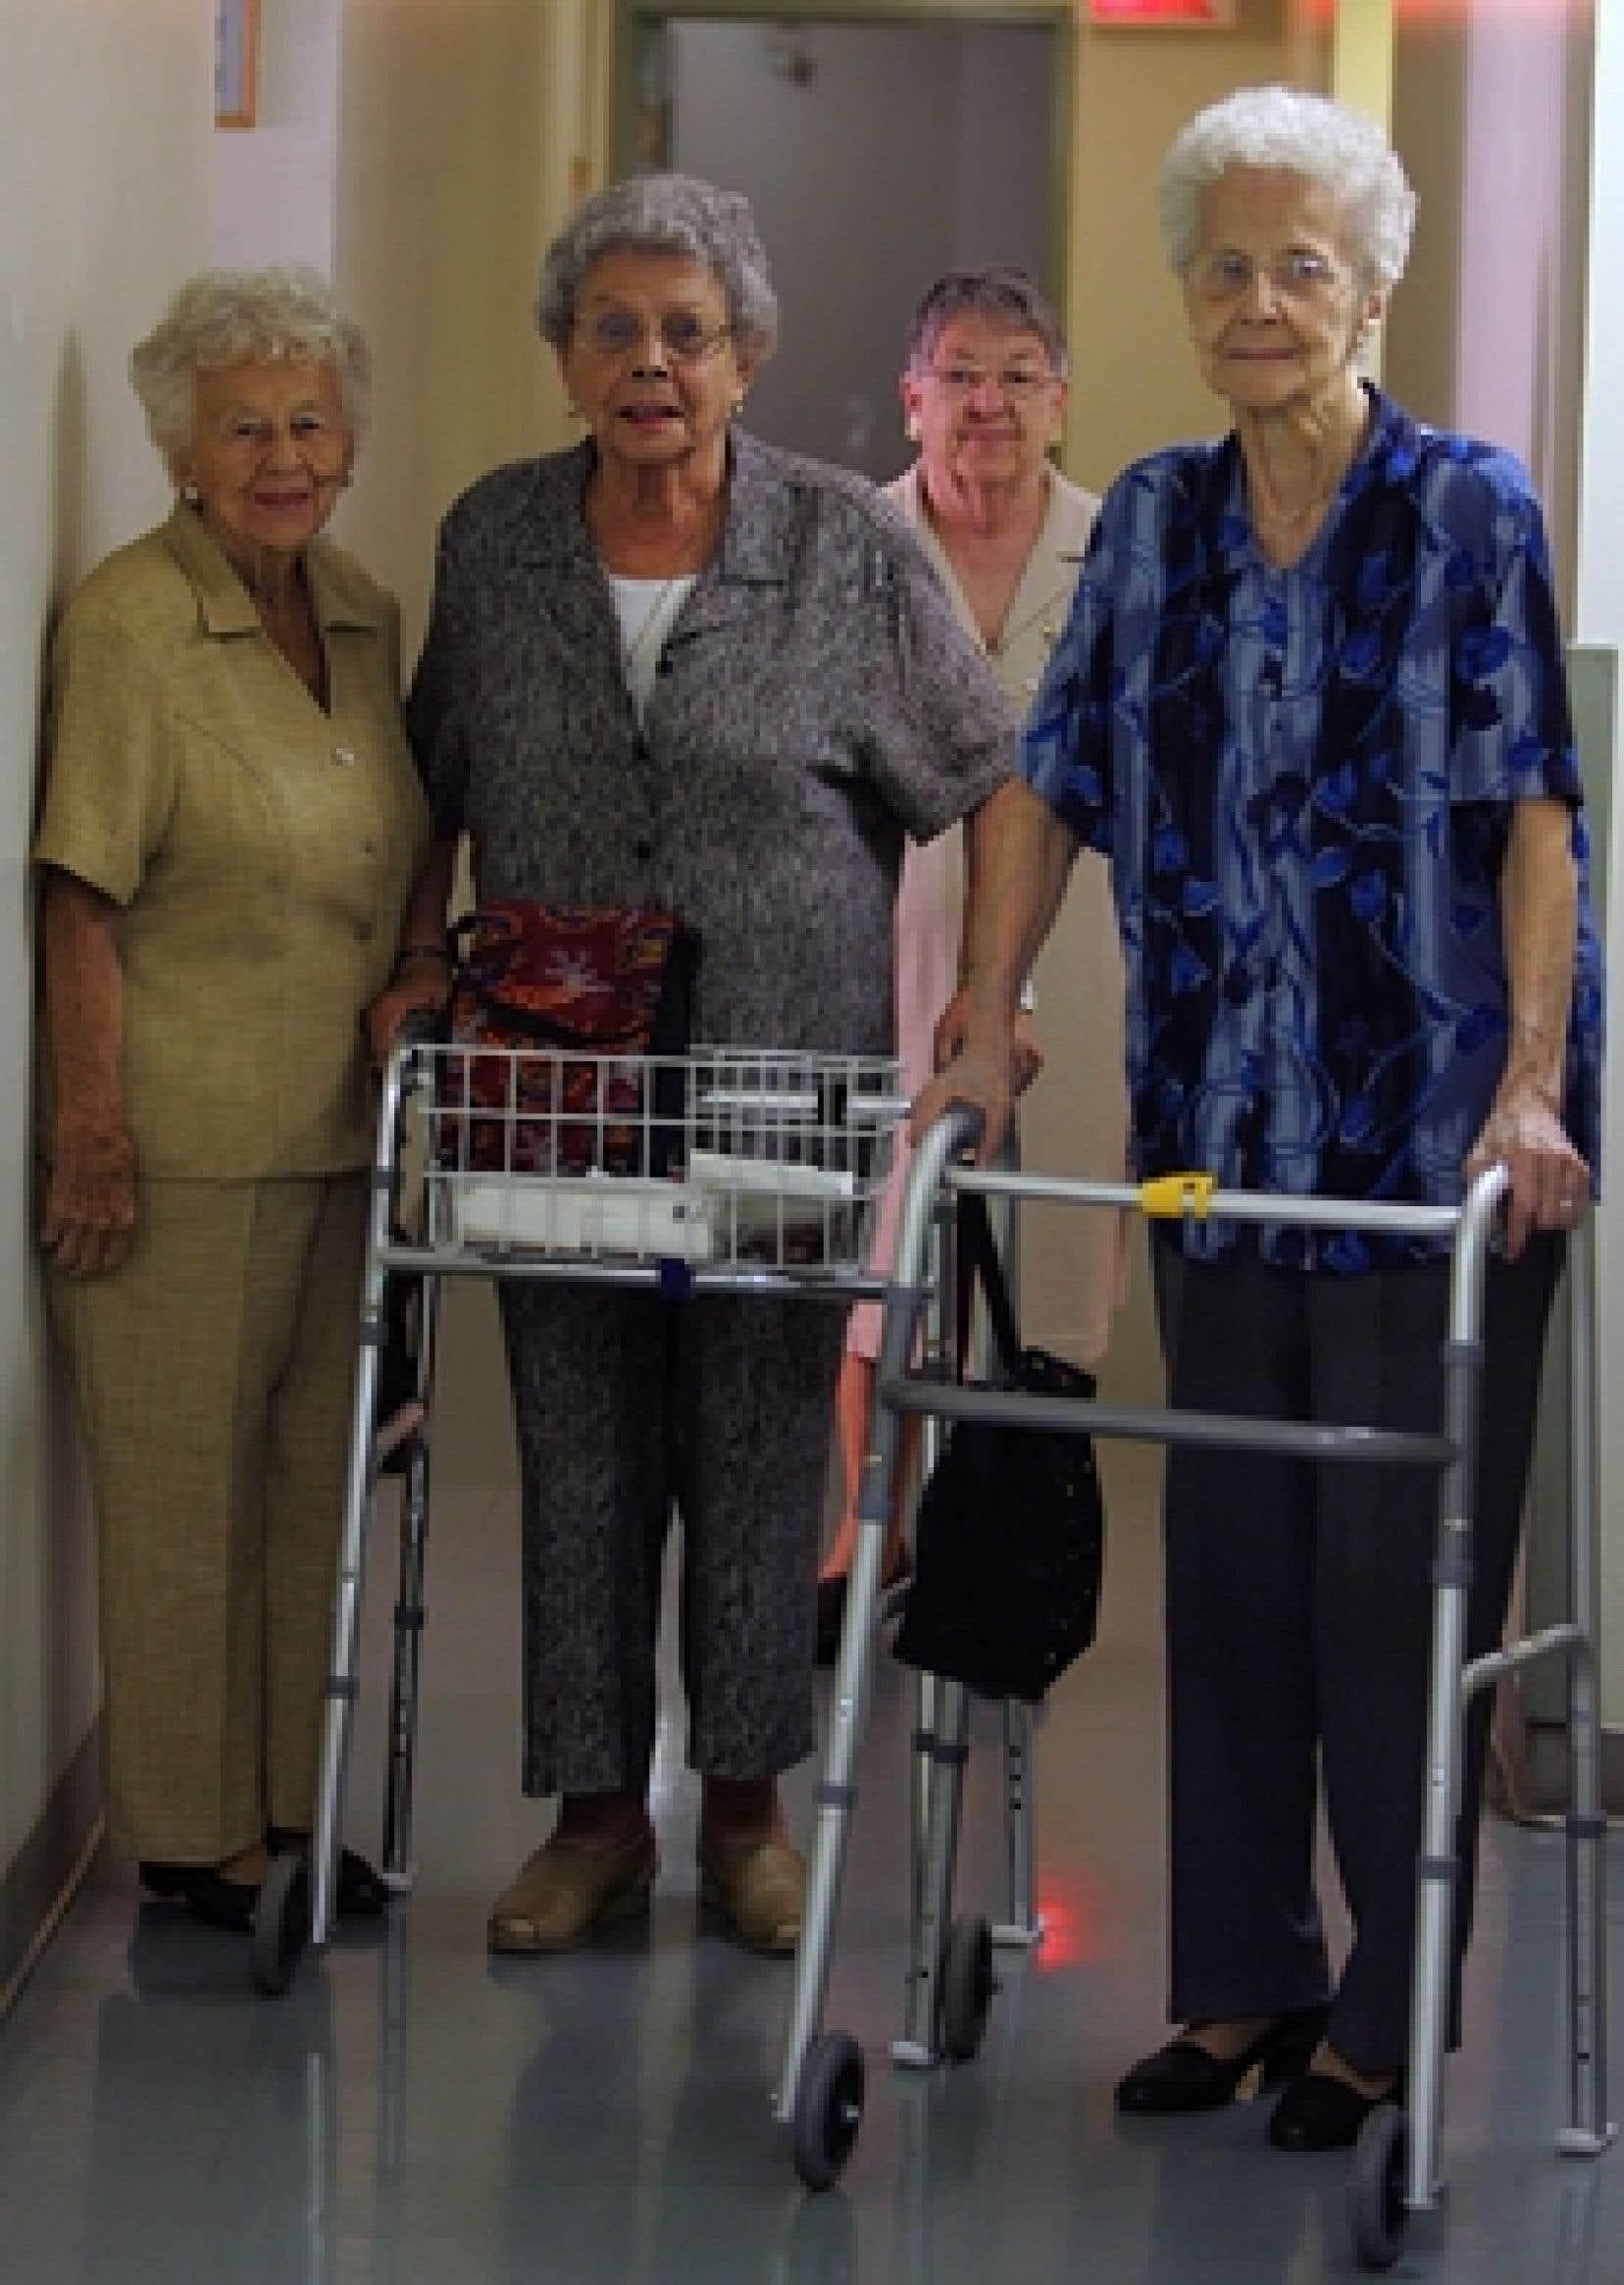 La courbe démographique des personnes âgées de 75 ans ou plus ralentit de manière significative entre 2007 et 2012 pour se retrouver à 9 %, par rapport à 19,1 % entre 2002 et 2007.